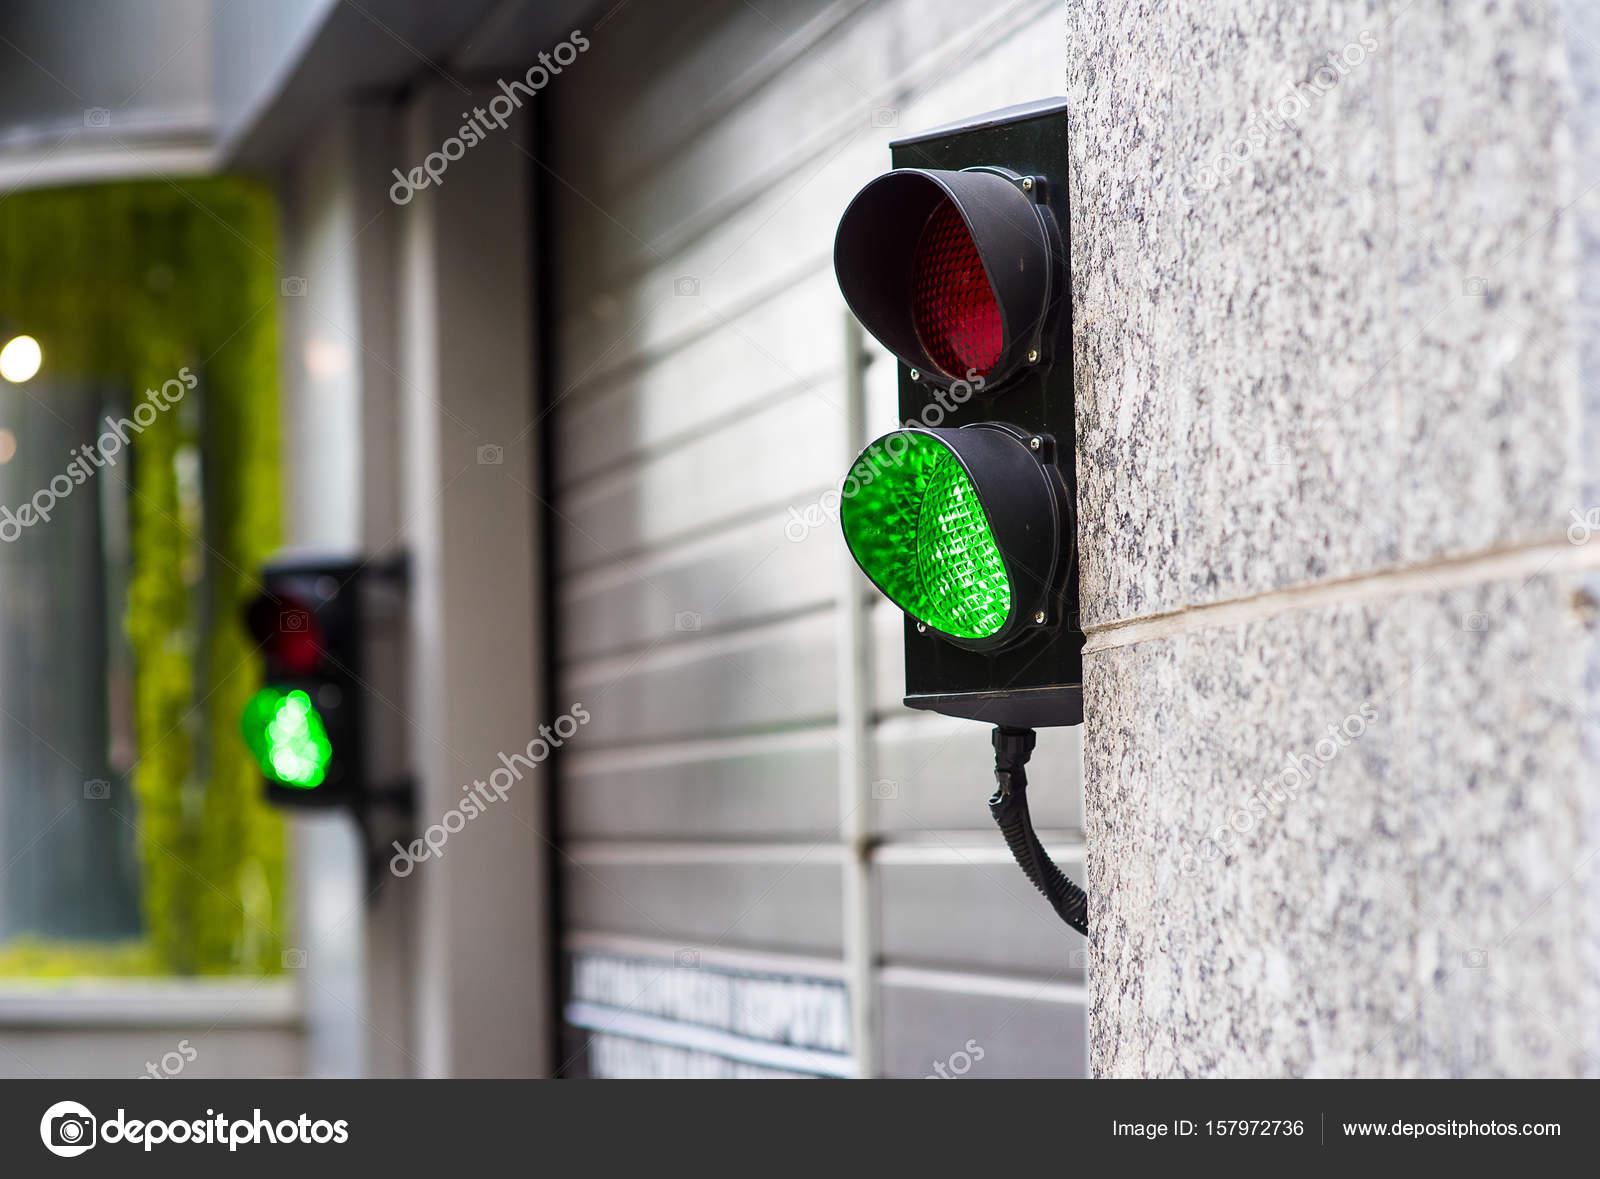 Grun Und Rot Stop Licht In Garage Stockfoto C Krestikksu157 Gmail